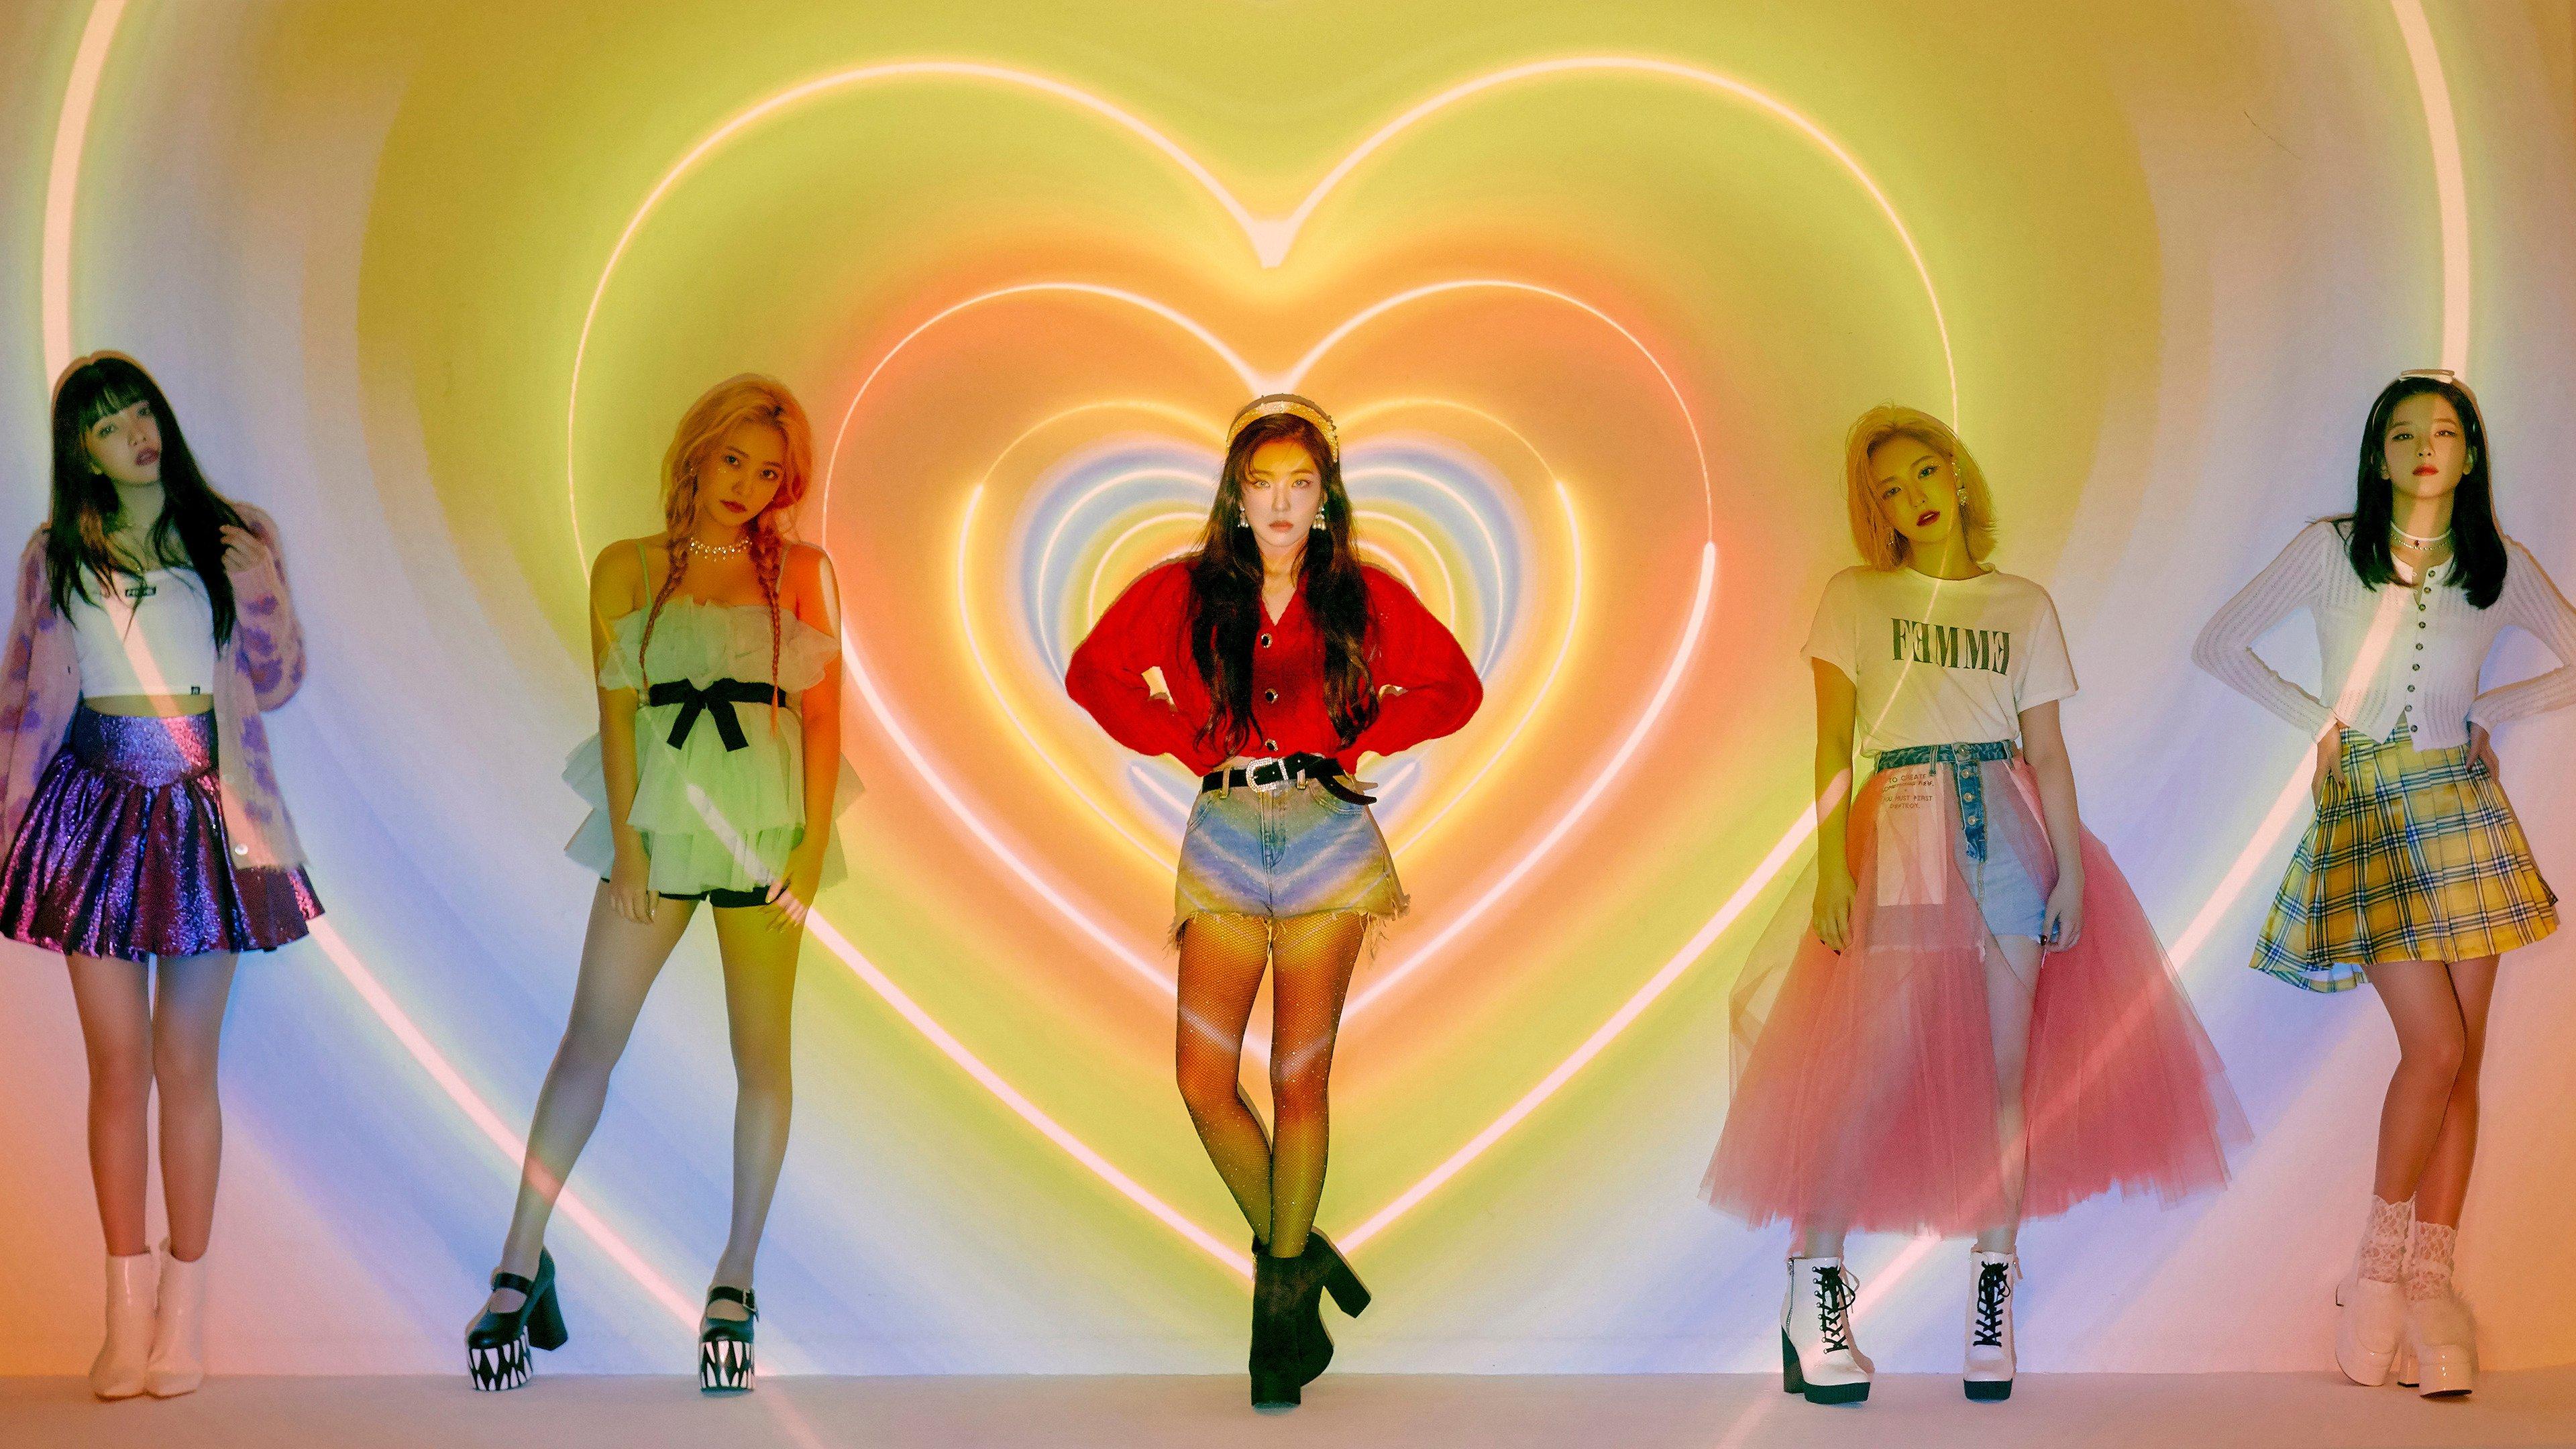 Wallpaper Members of Red Velvet